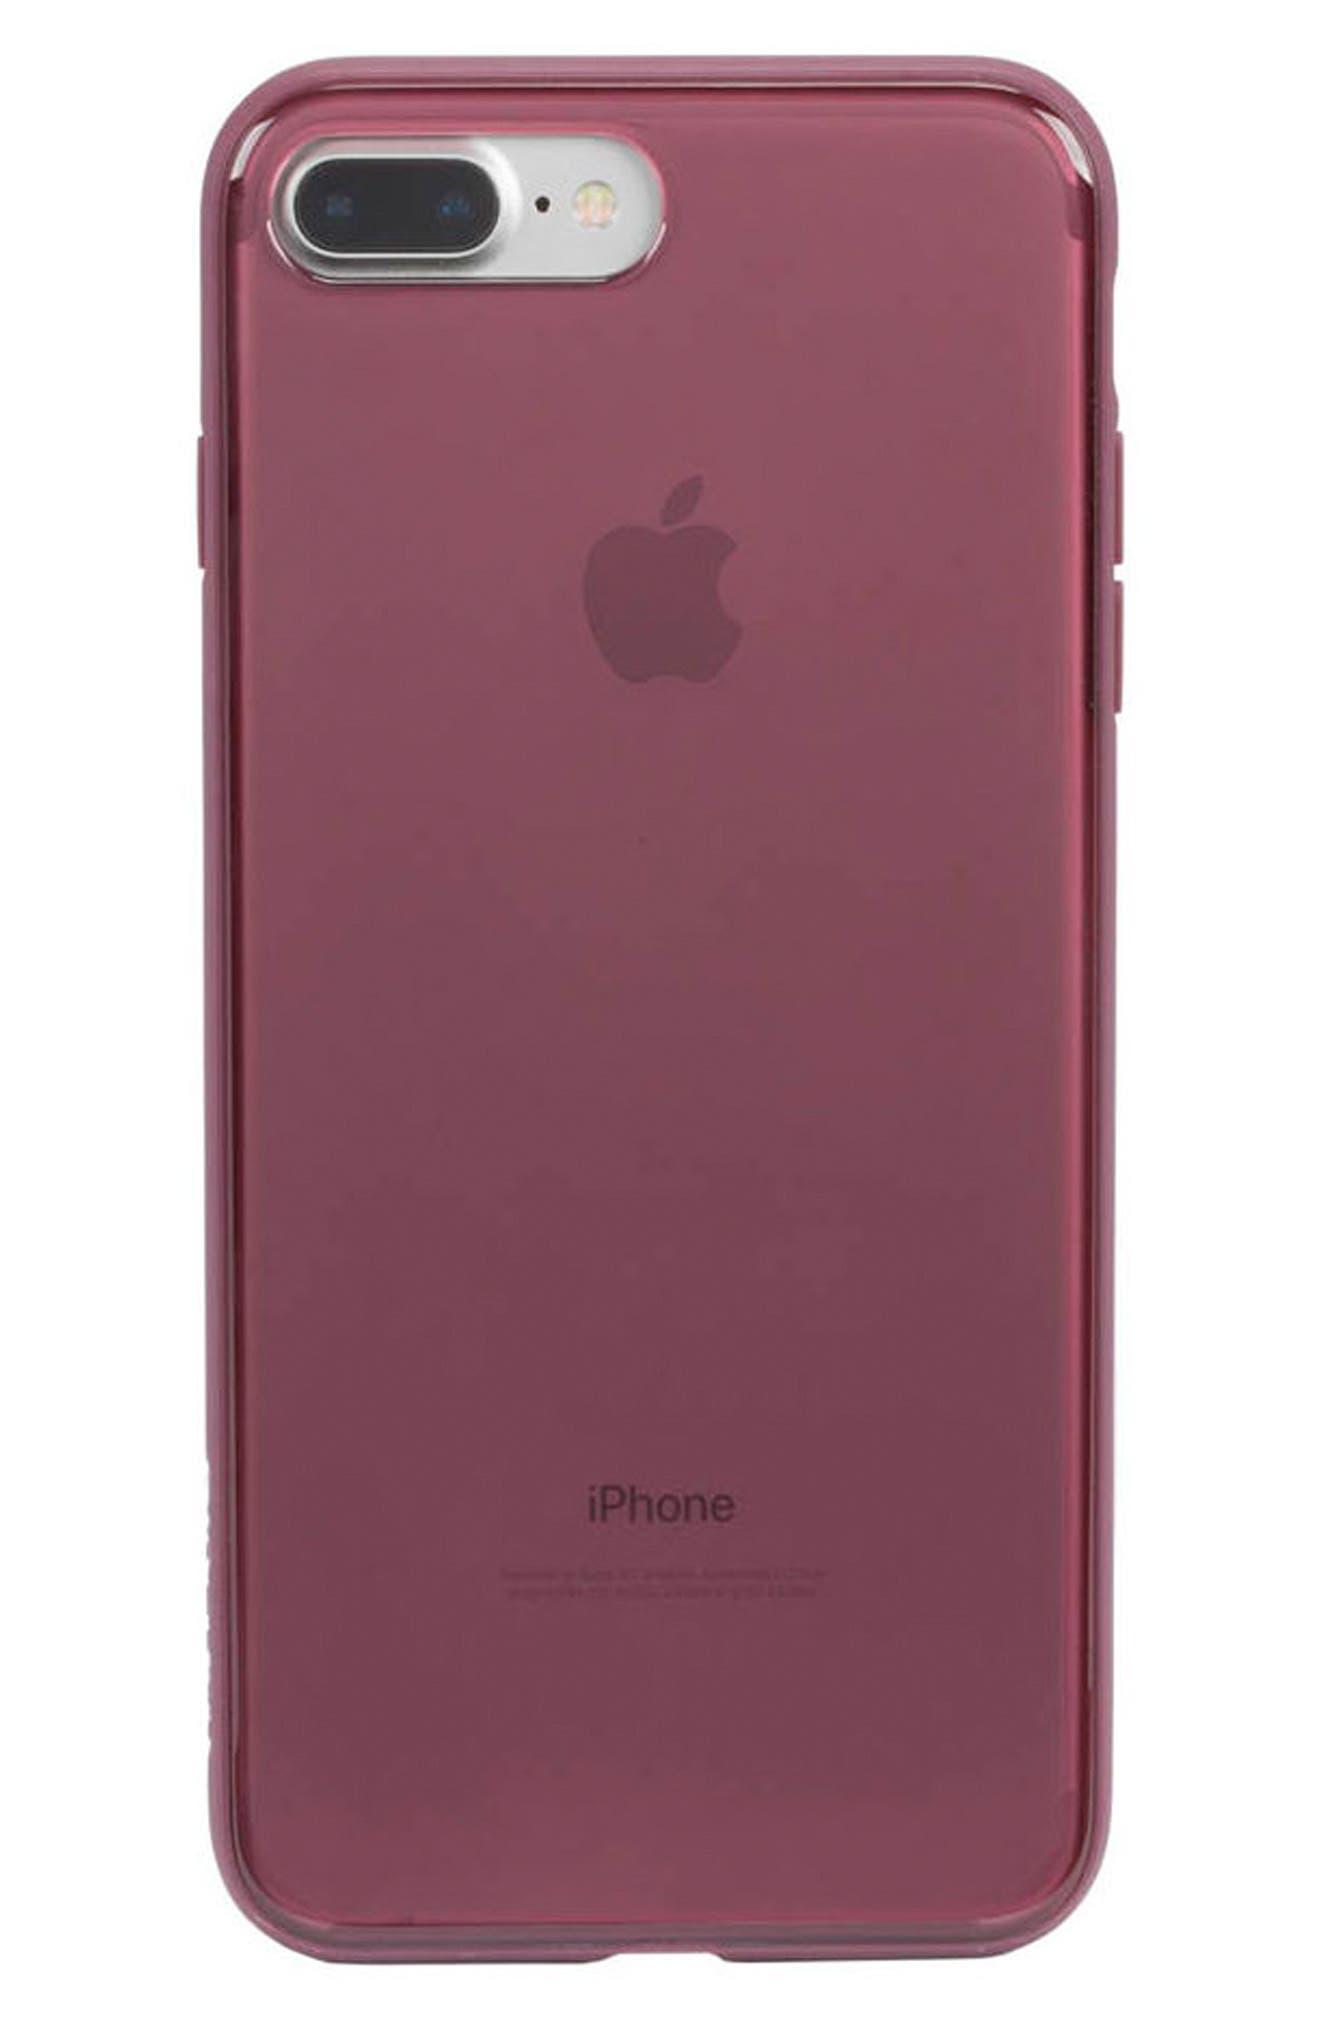 Incase Designs Pop Case Tint iPhone 7 Plus/8 Plus Case